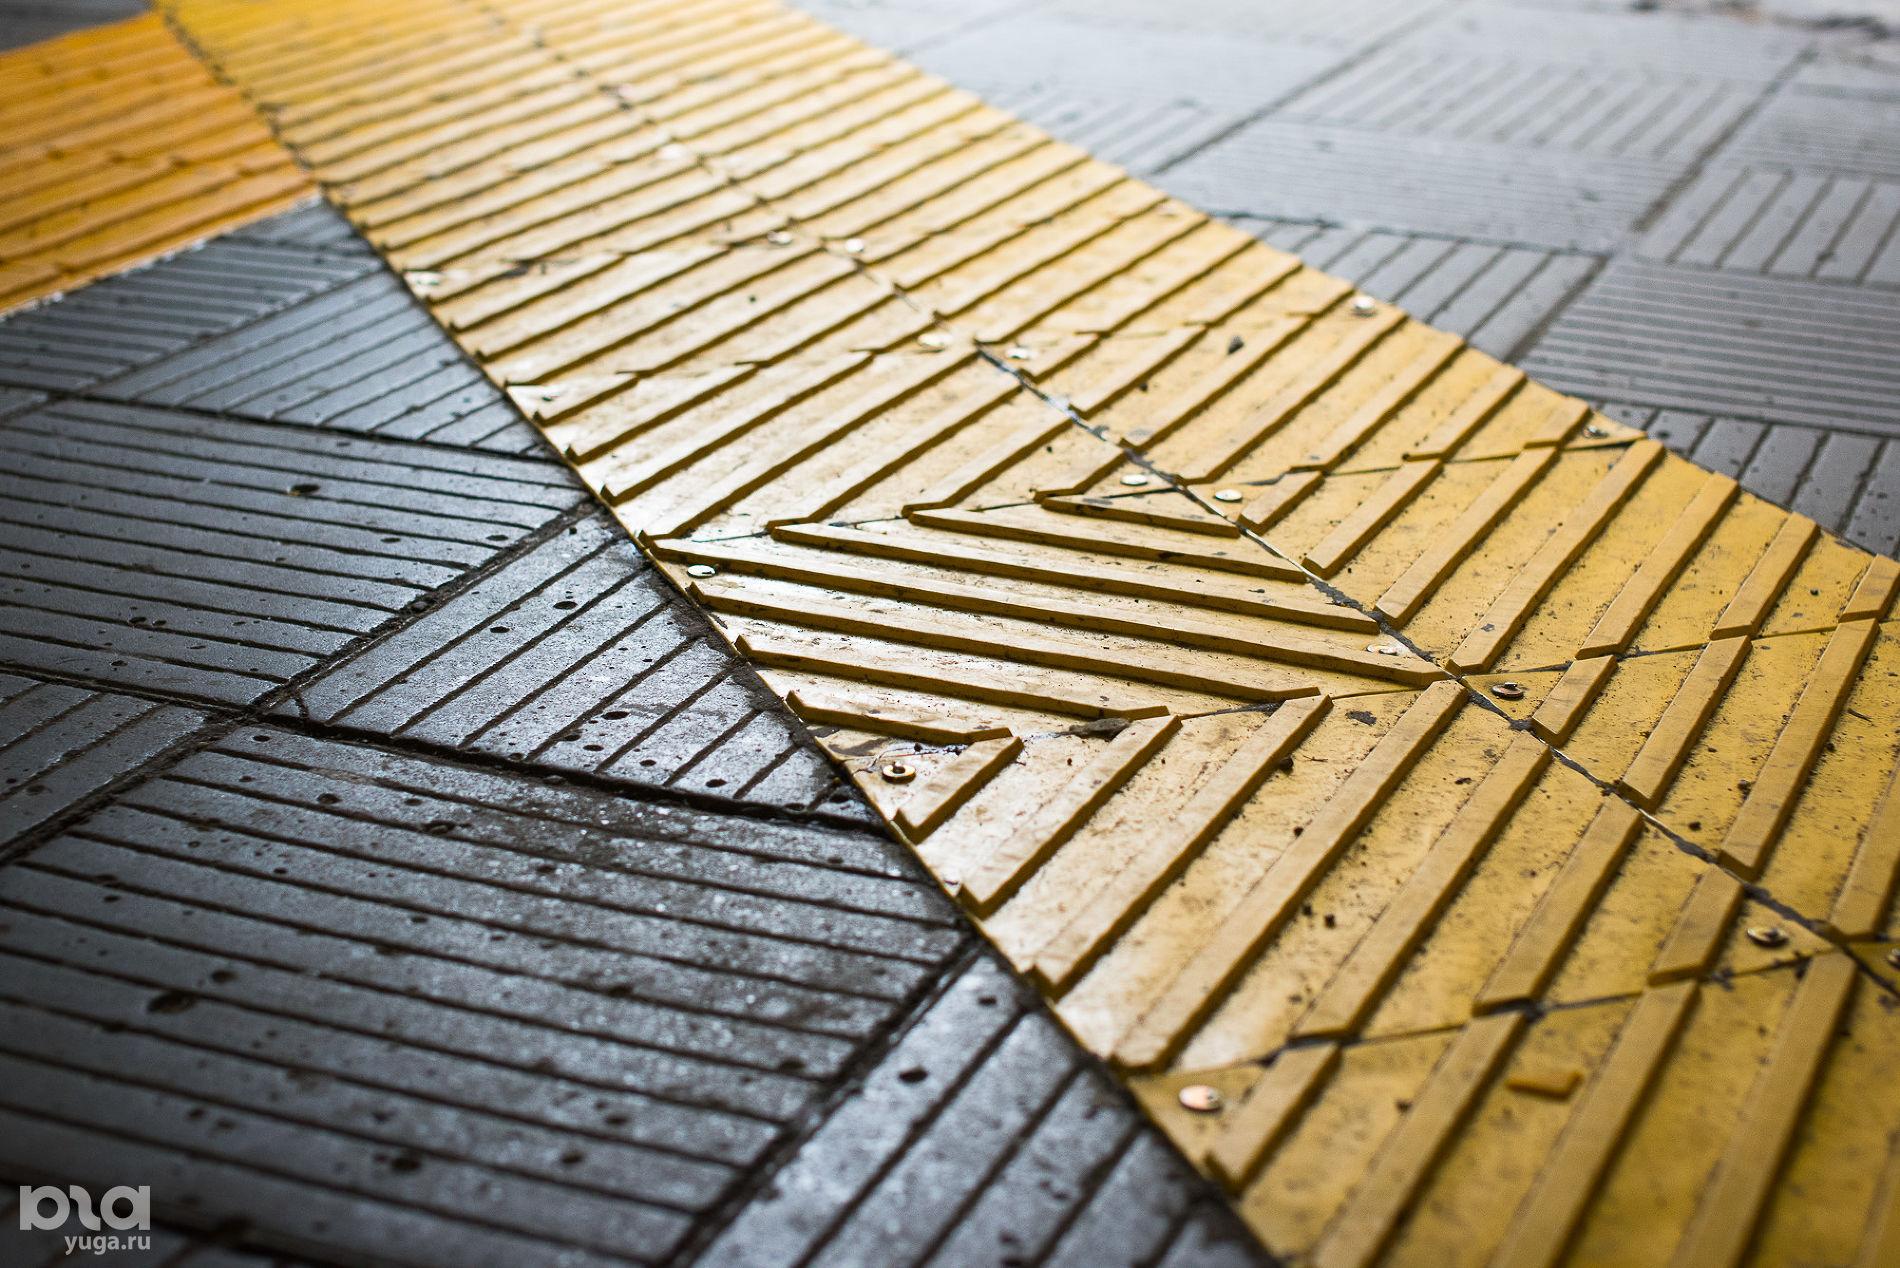 Тактильная плитка с диагональными рифами в подземном переходе на улице Старокубанской, обозначает поворот  ©Фото Елены Синеок, Юга.ру